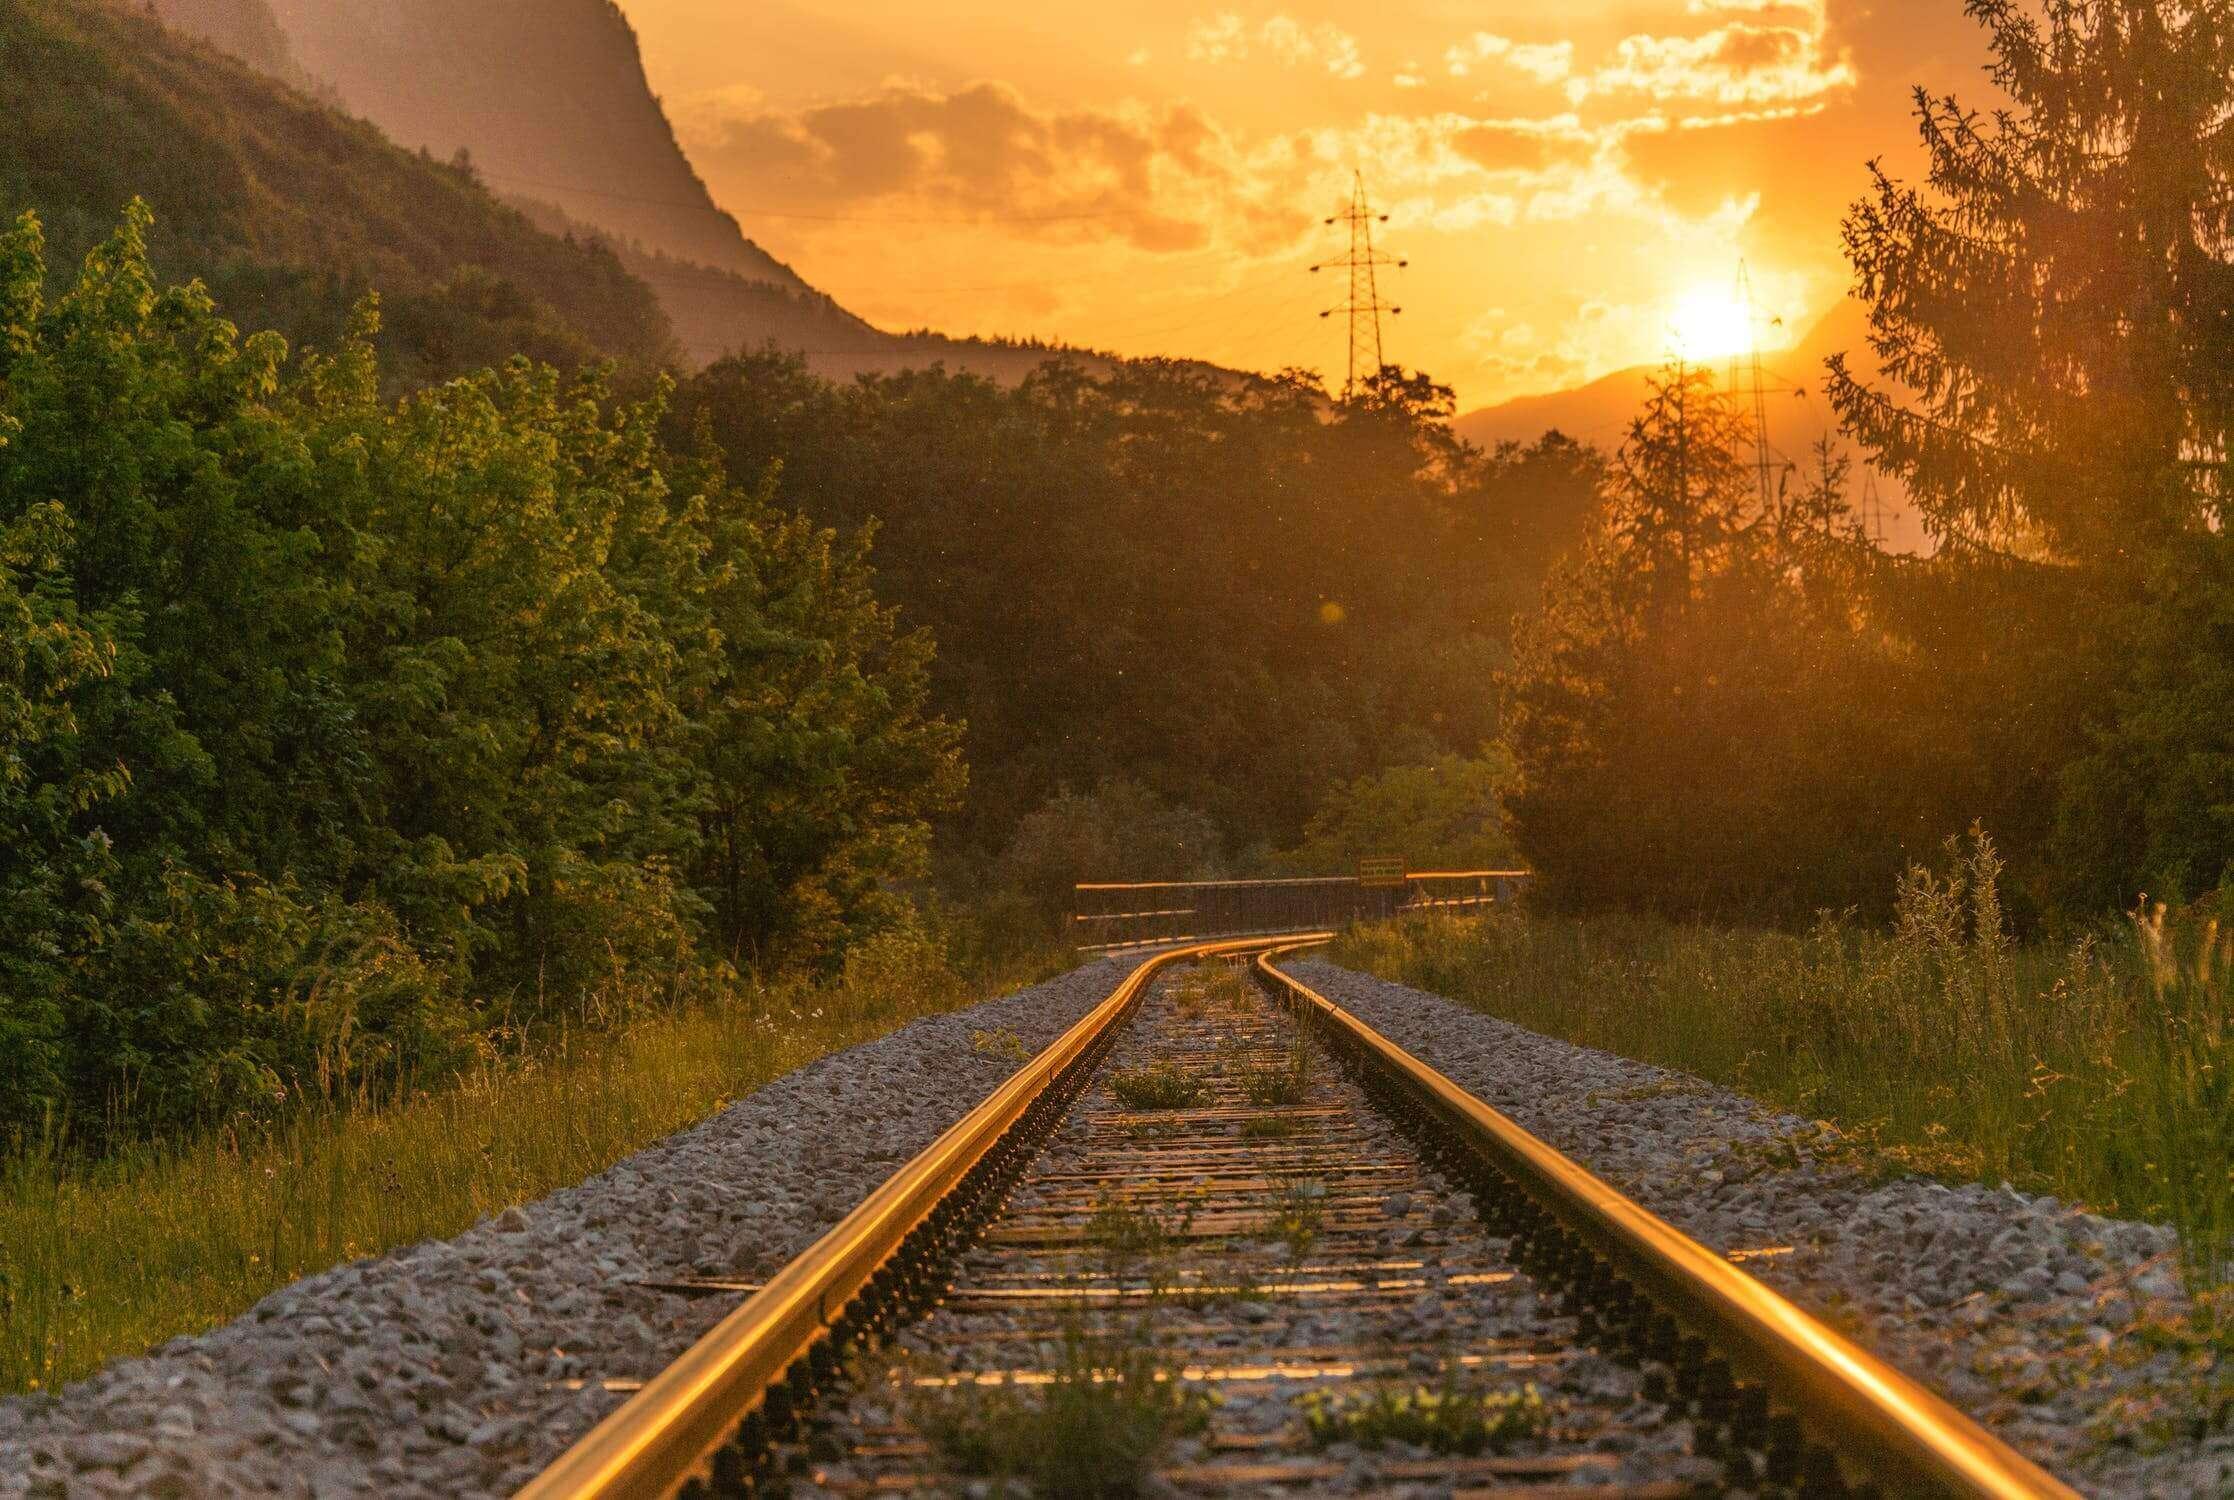 Anfahrt mit dem Zug